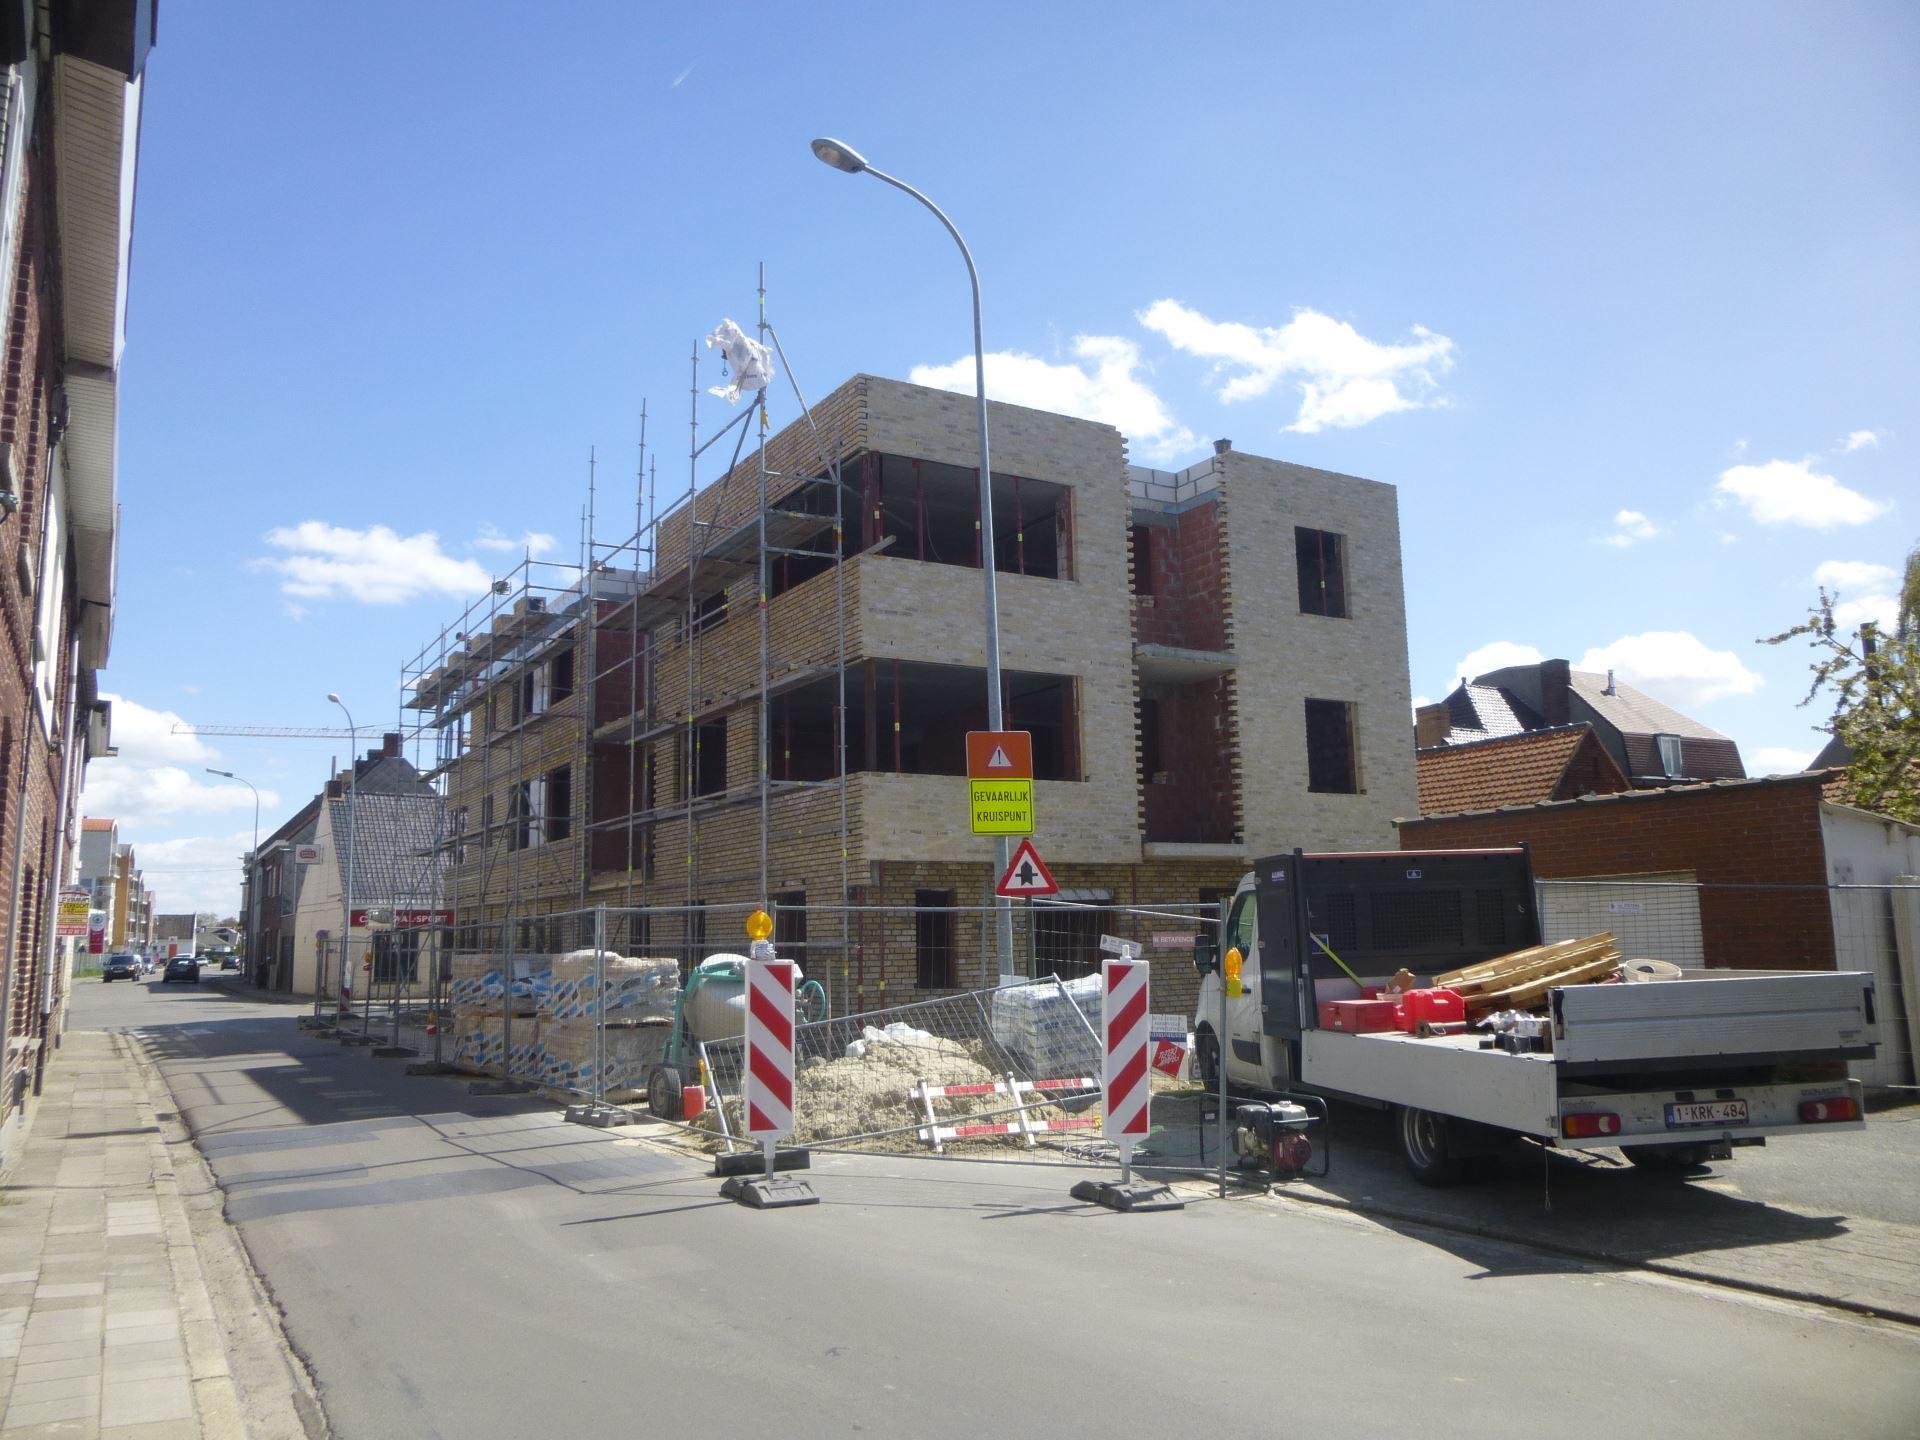 http://www.cokelaerebouwteam.be/wp-content/uploads/2015/04/project_nieuwbouw_appartementen_bouw_cokelaerebouwteam_2.jpg